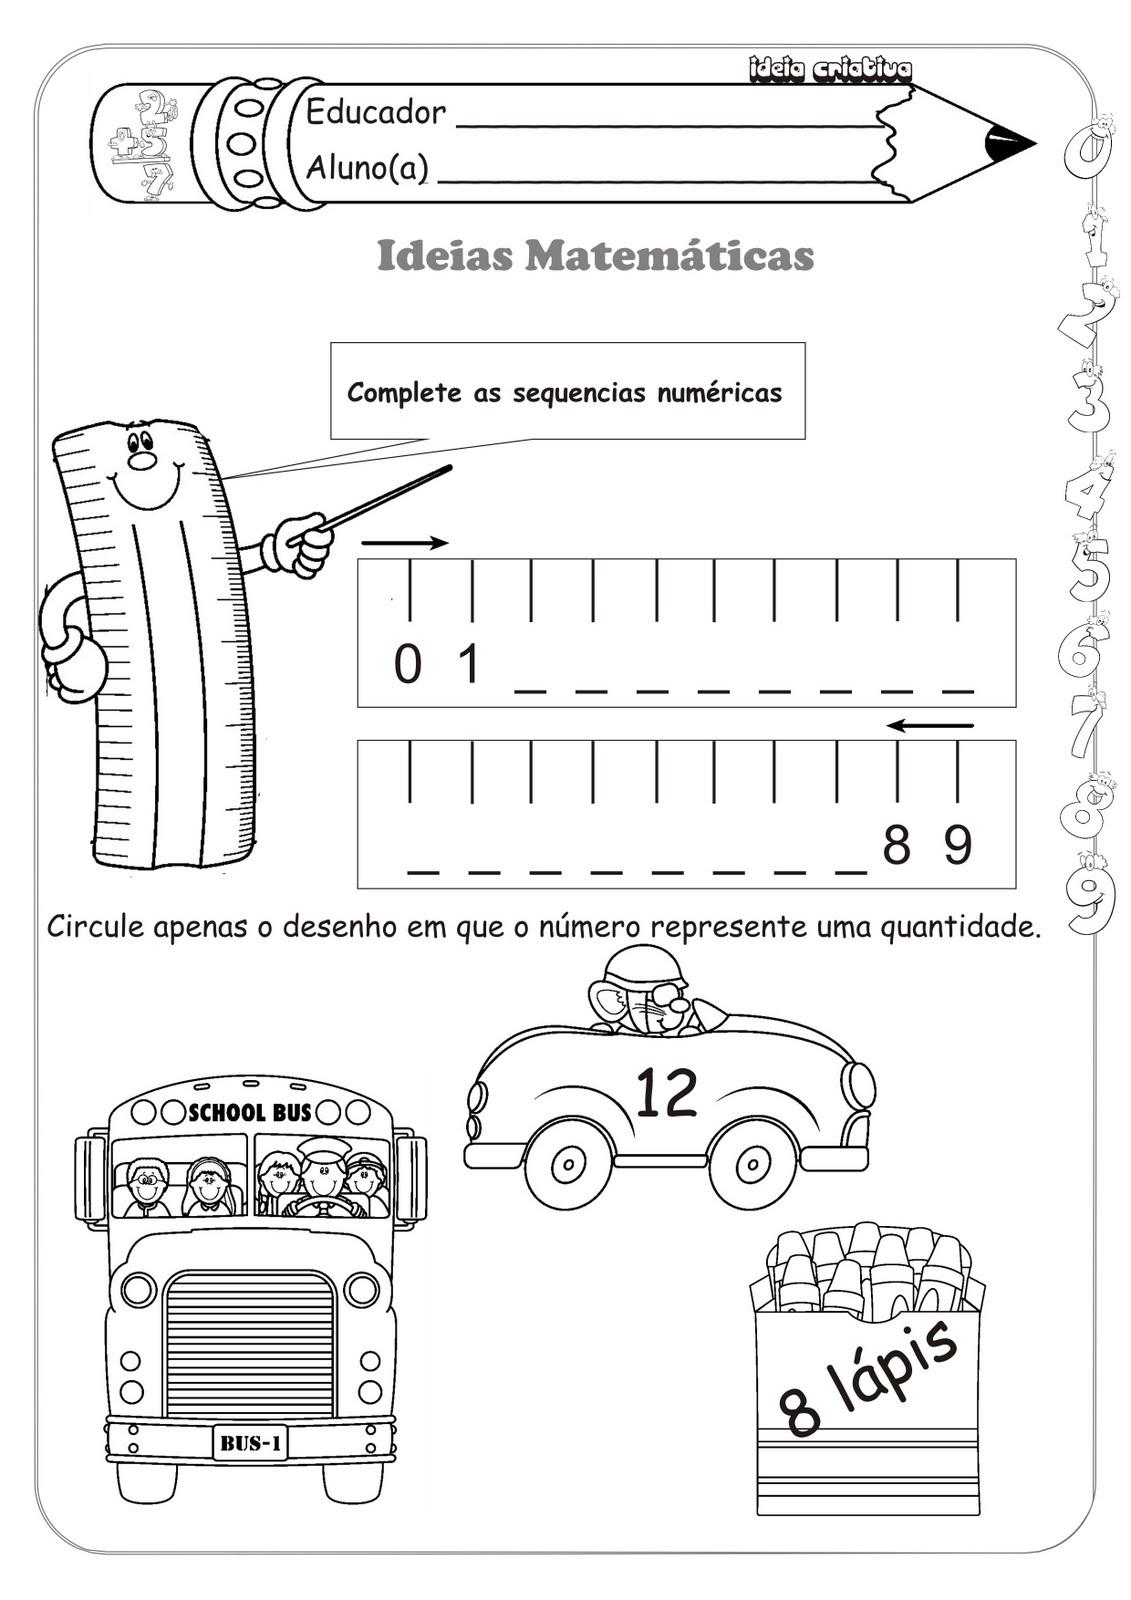 Sequência Numérica Ideias Matemáticas Medida Contagem e Soma